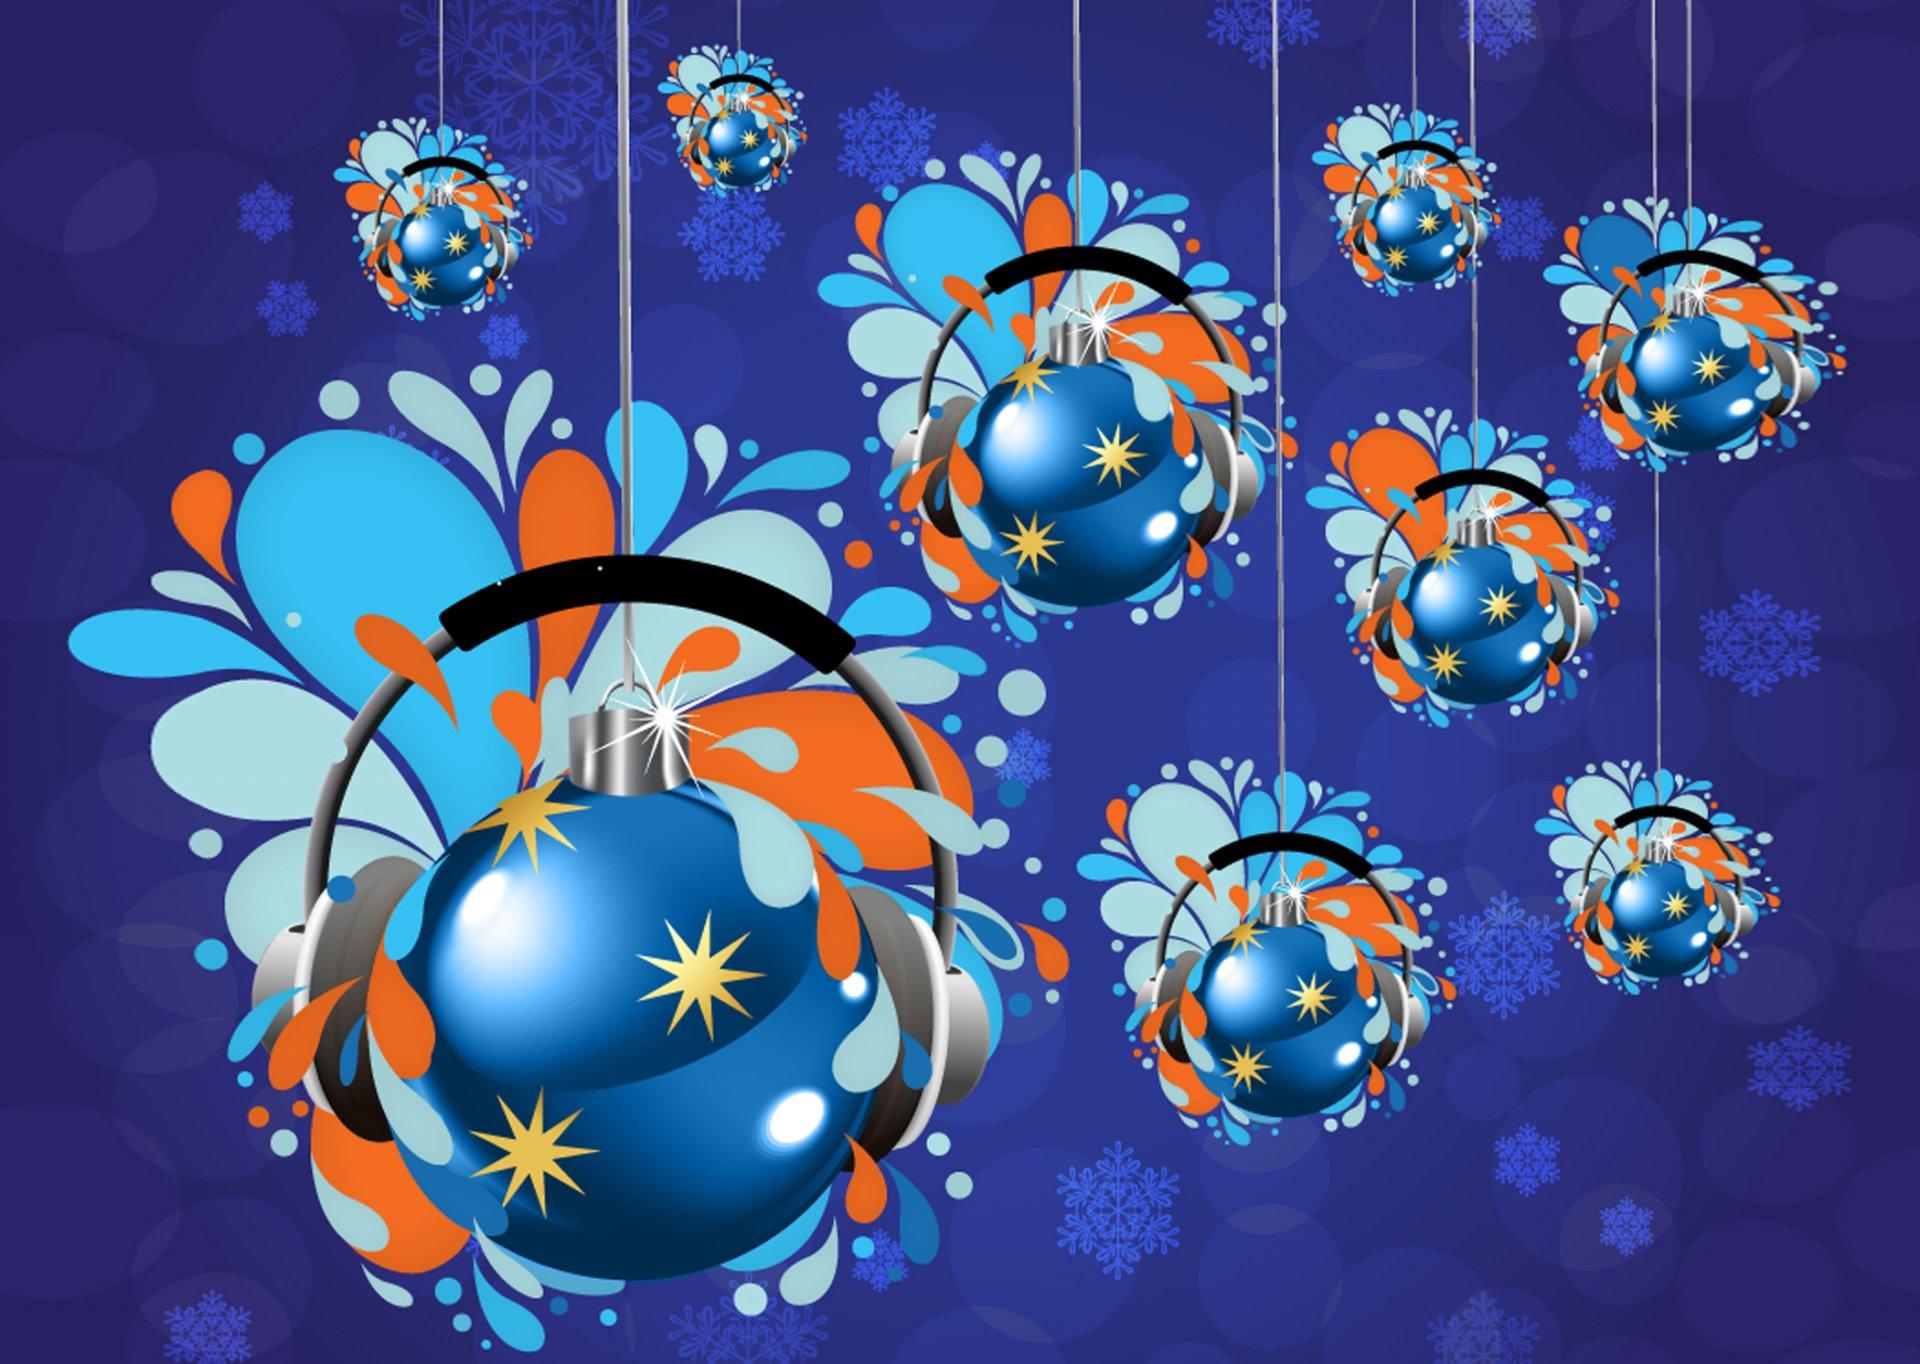 открытки новогодние шары на 2019 год